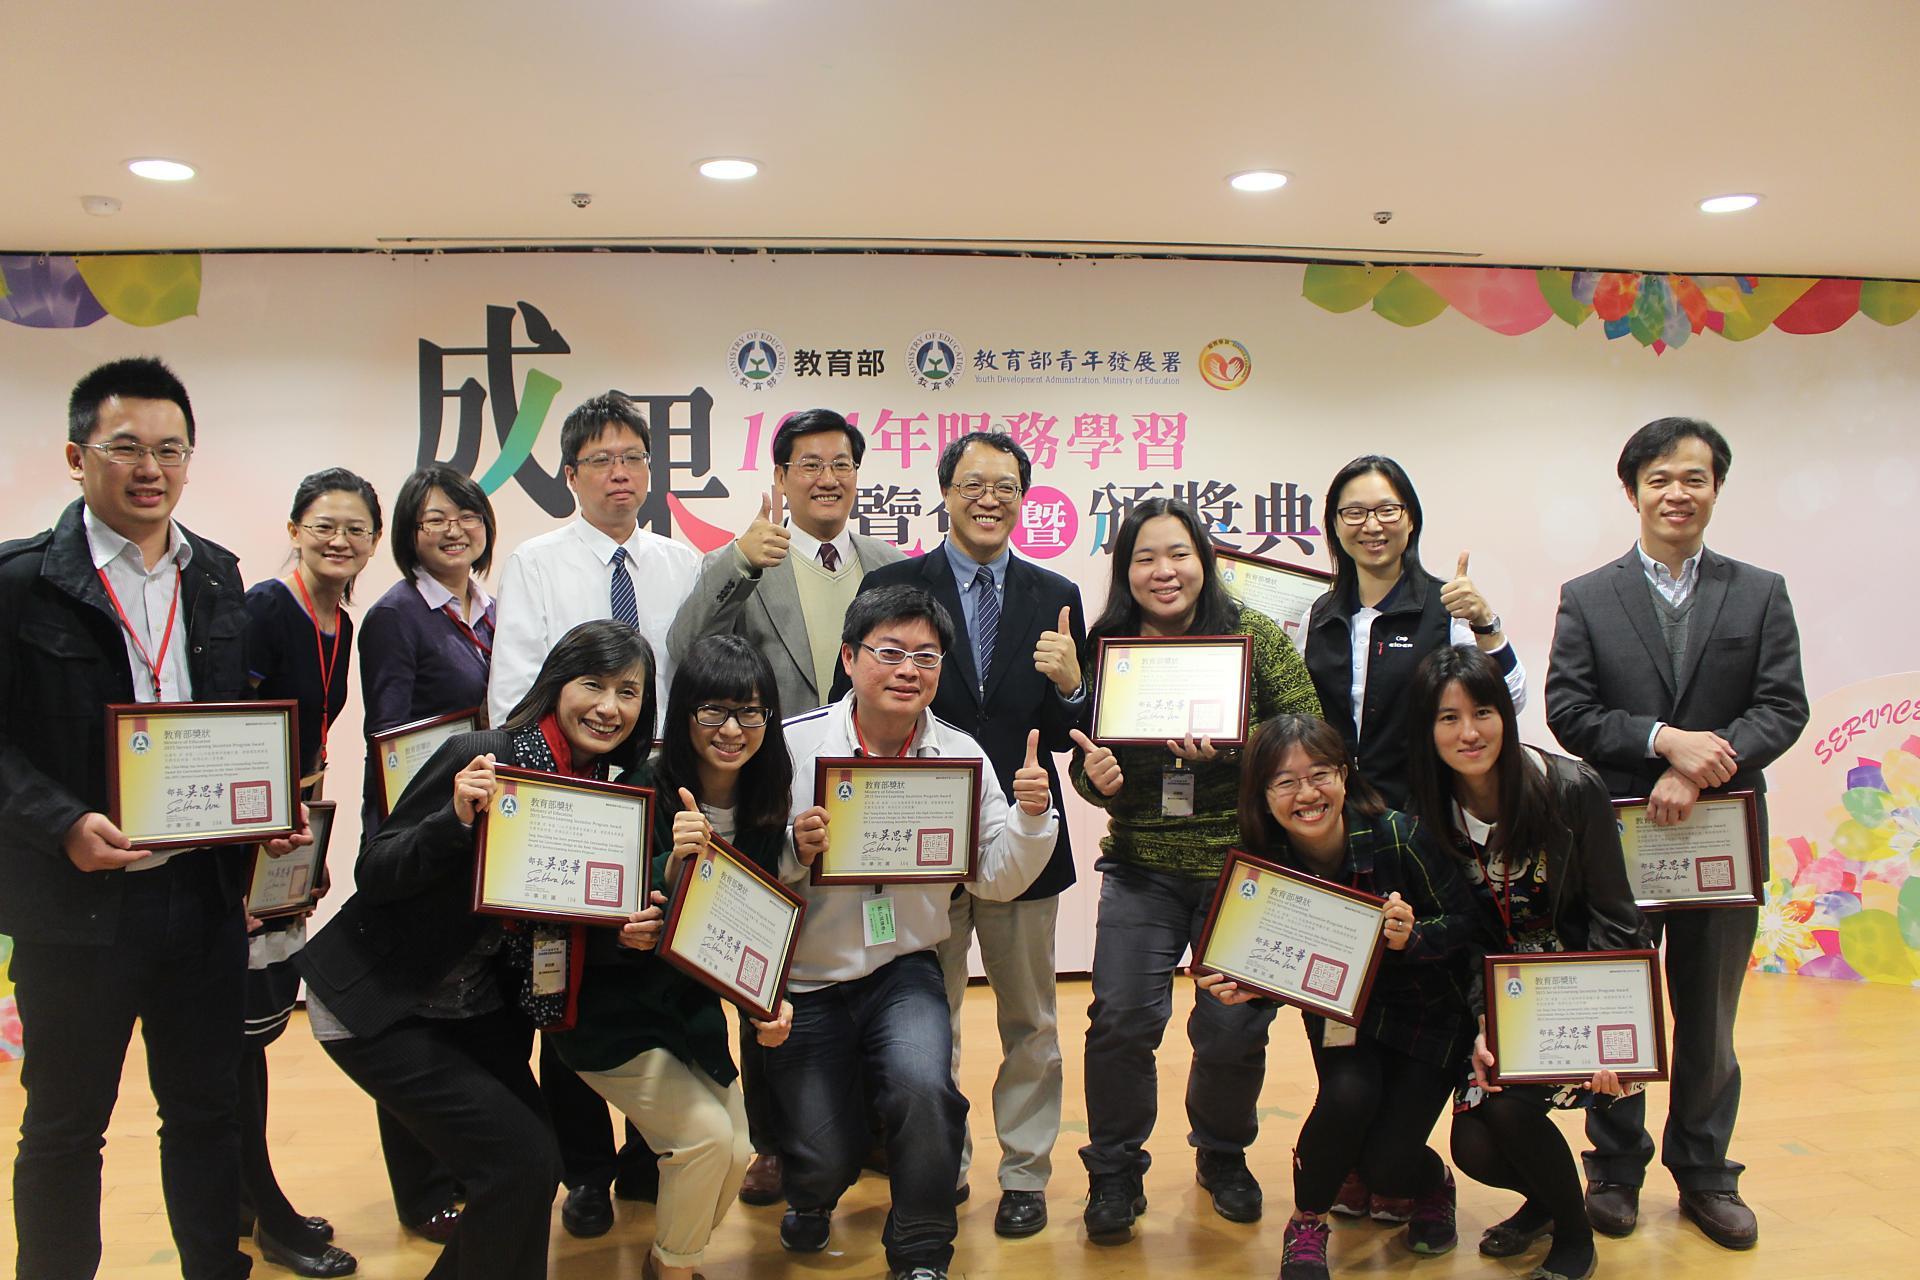 中原大學服務學習 教育部評比再次奪冠